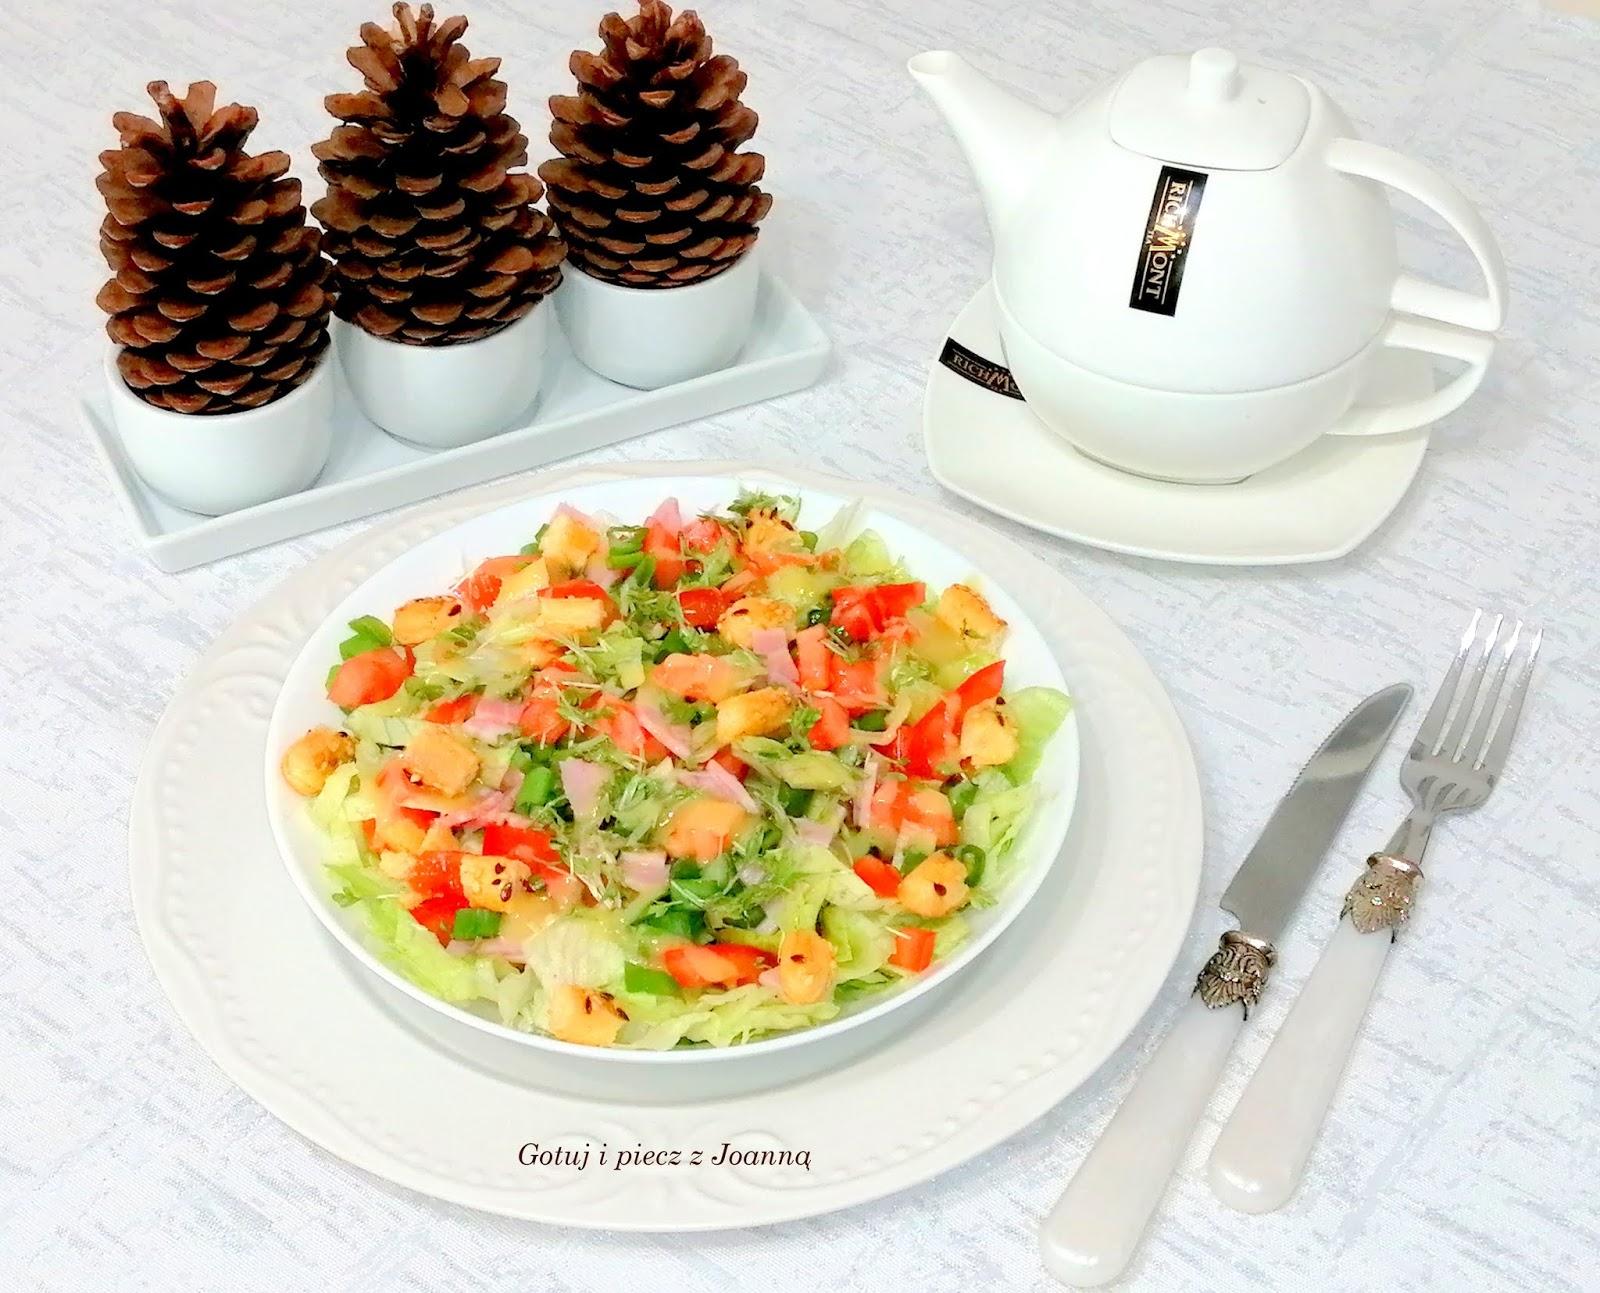 Szybka sałatka śniadaniowa ze słomką ptysiową fit